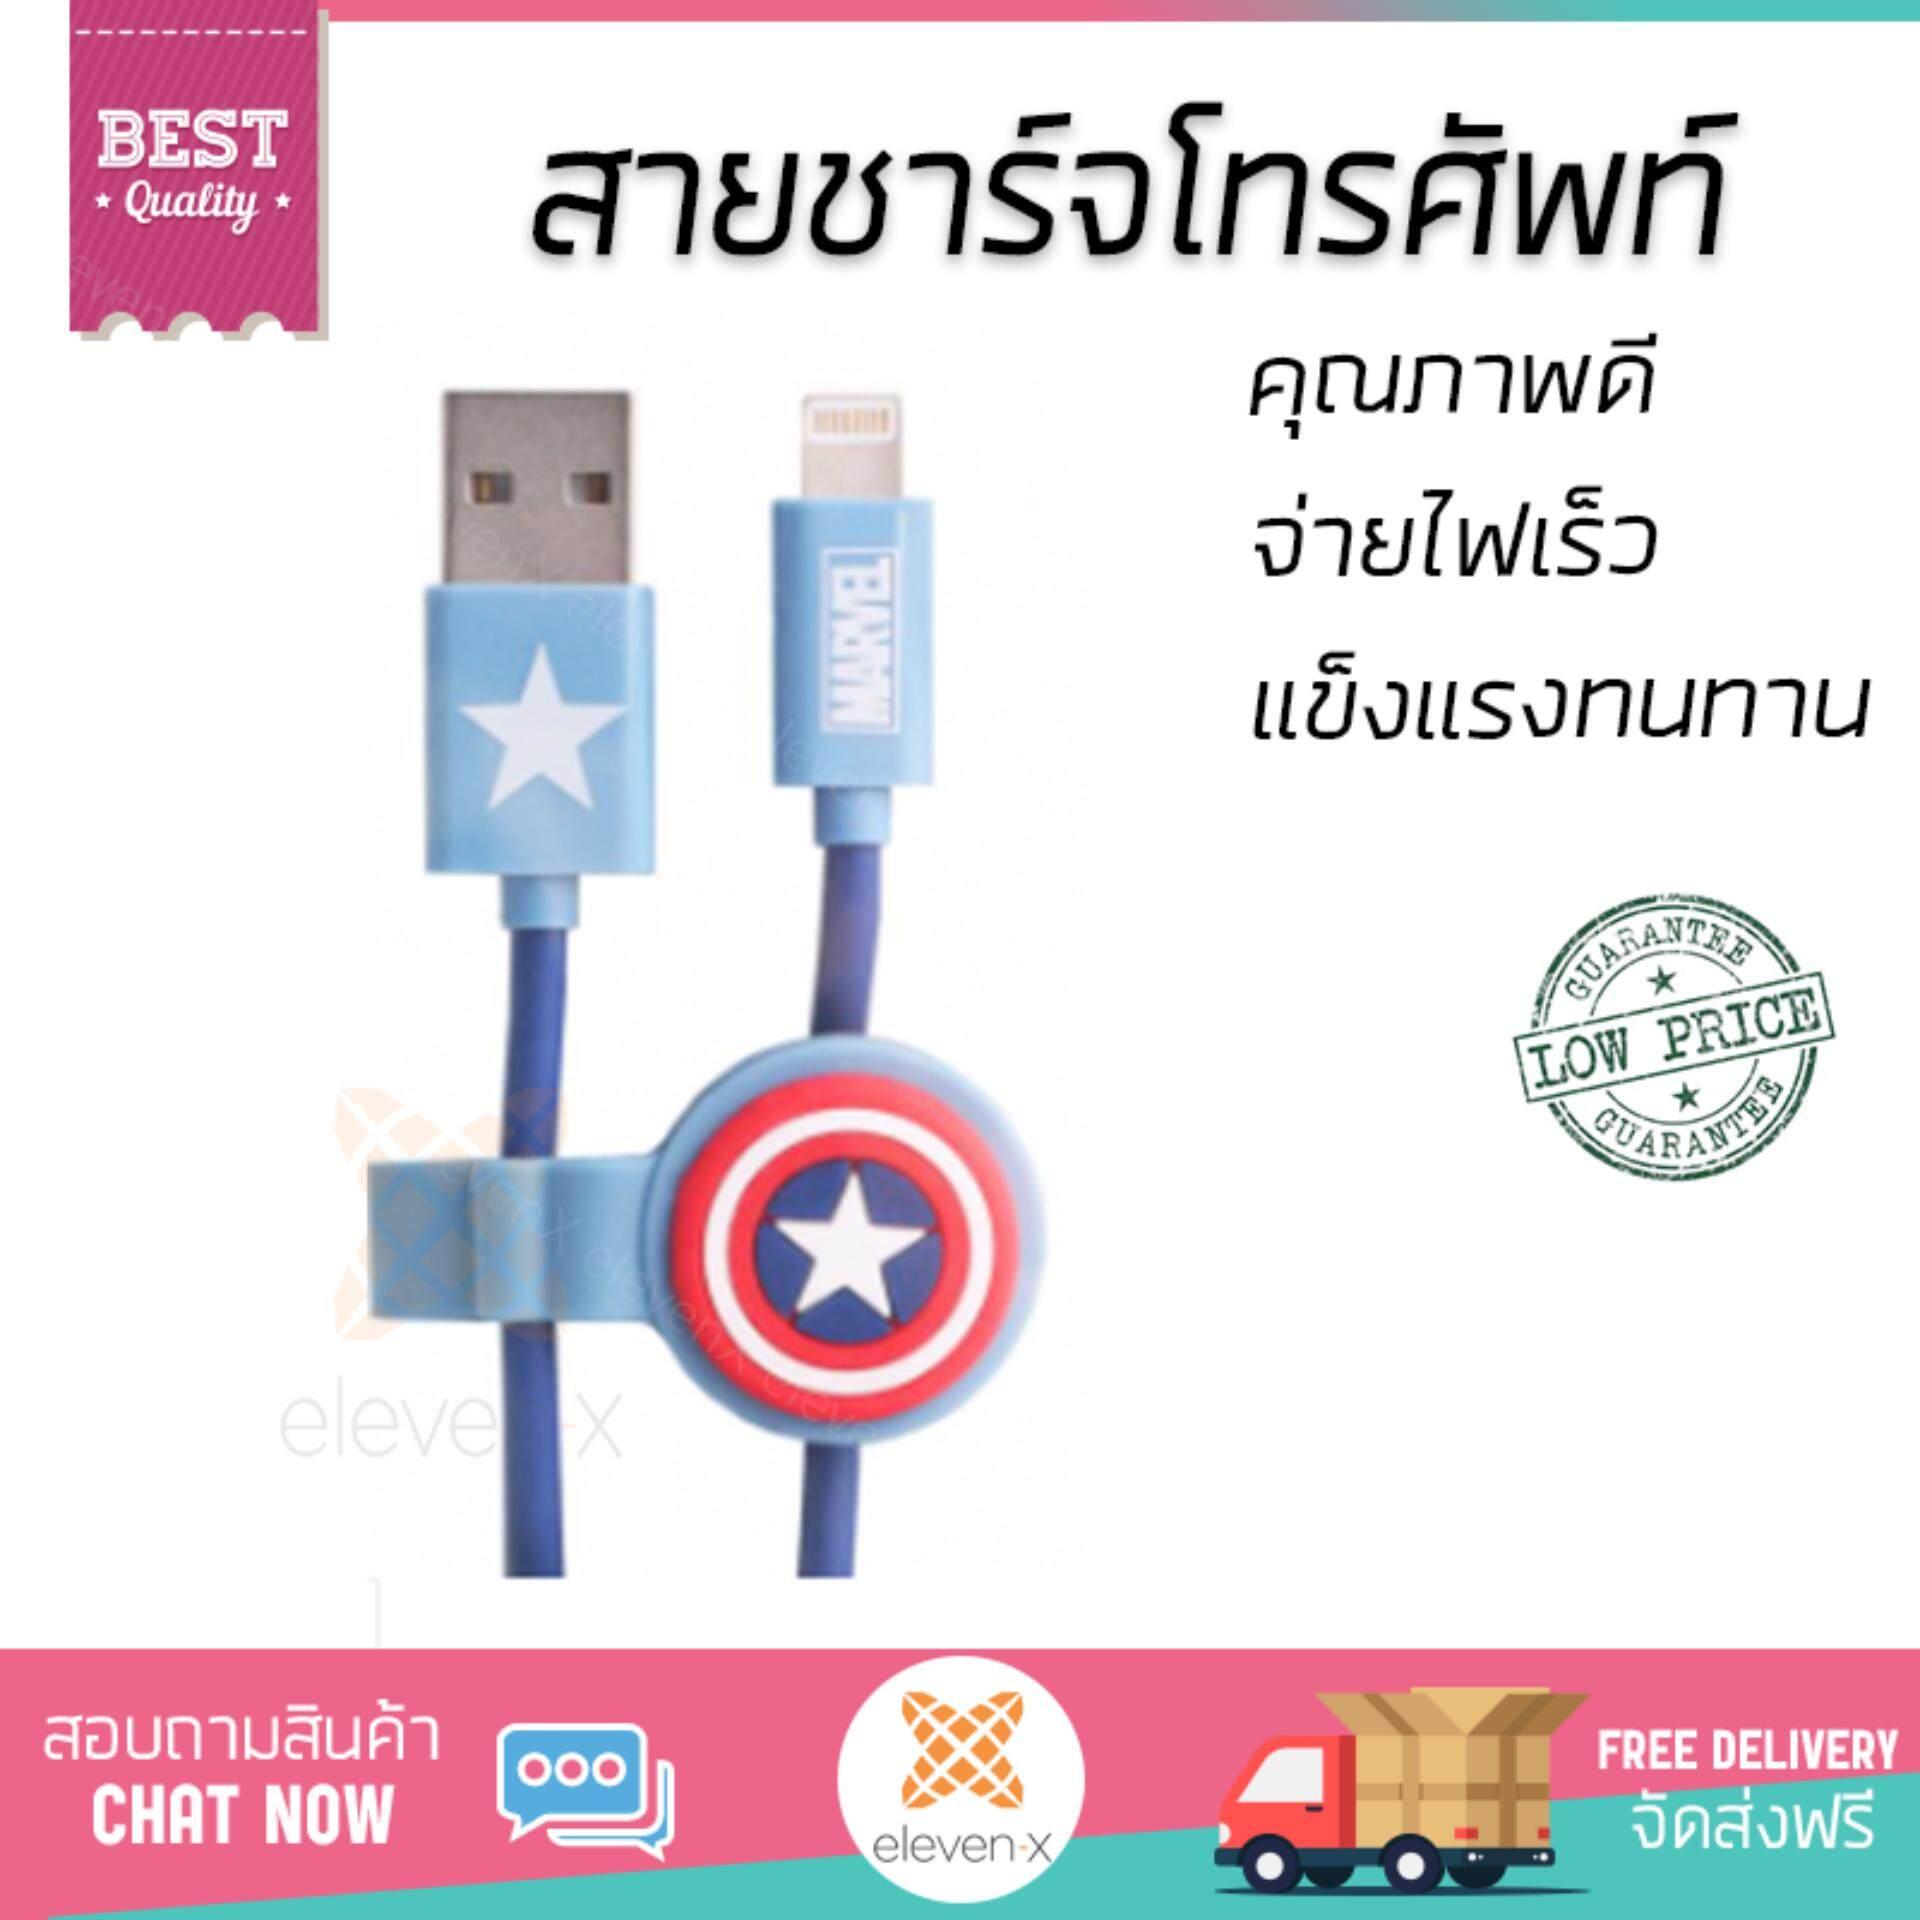 ราคาพิเศษ รุ่นยอดนิยม สายชาร์จโทรศัพท์ CS@ Rizz Lightning USB MA-CL-102 Marvel Captain สายชาร์จทนทาน แข็งแรง จ่ายไฟเร็ว Mobile Cable จัดส่งฟรี Kerry ทั่วประเทศ